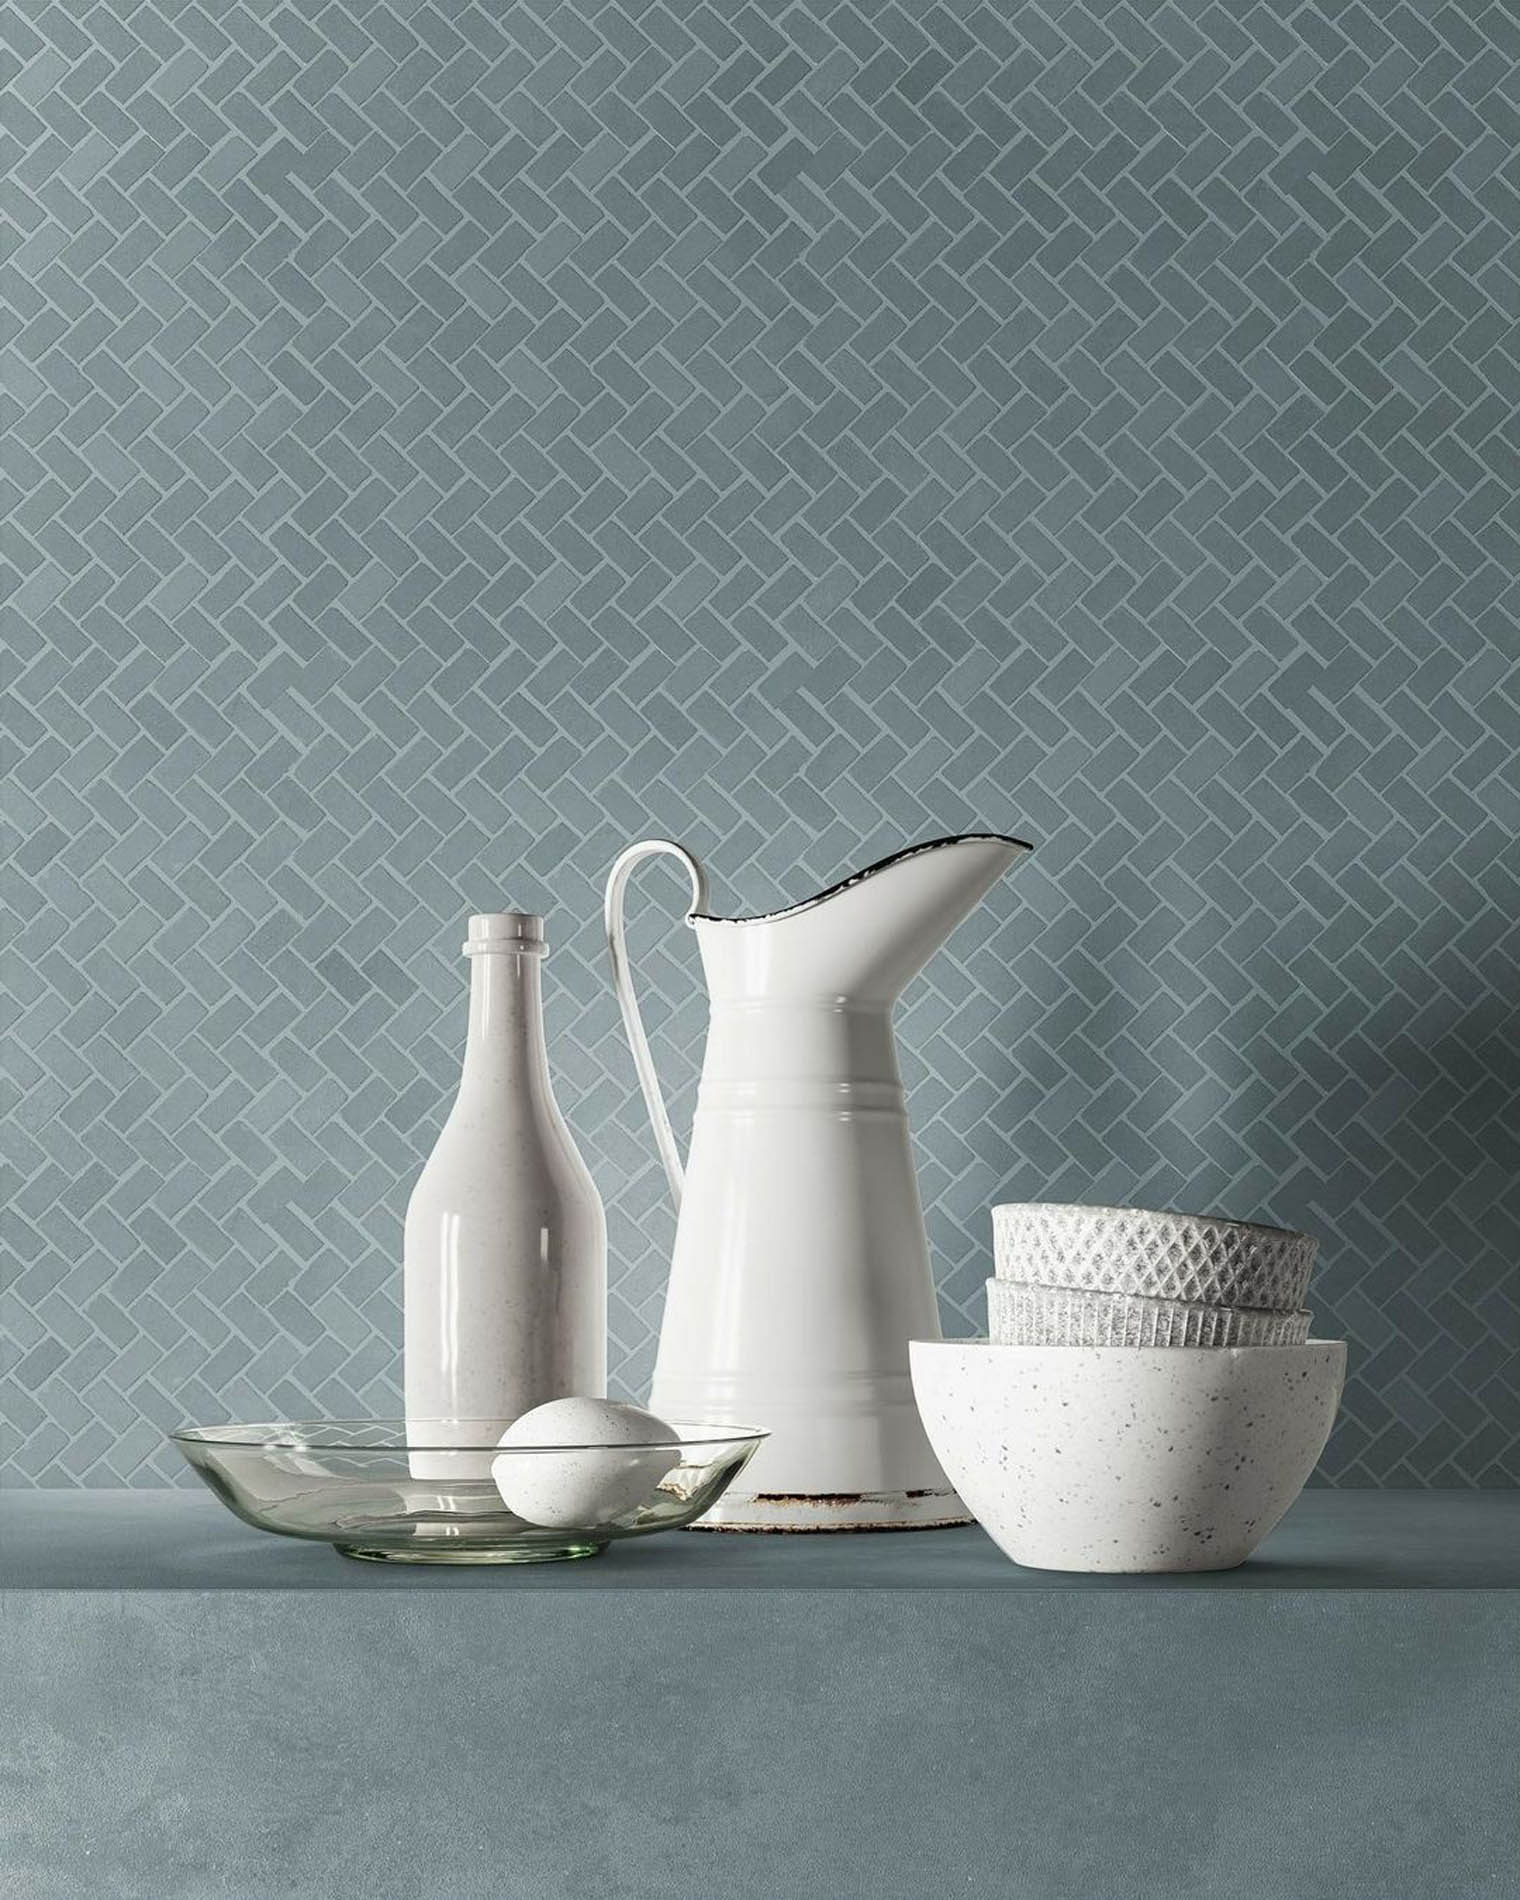 Porcelánicos ideales tanto para interiores como exteriores